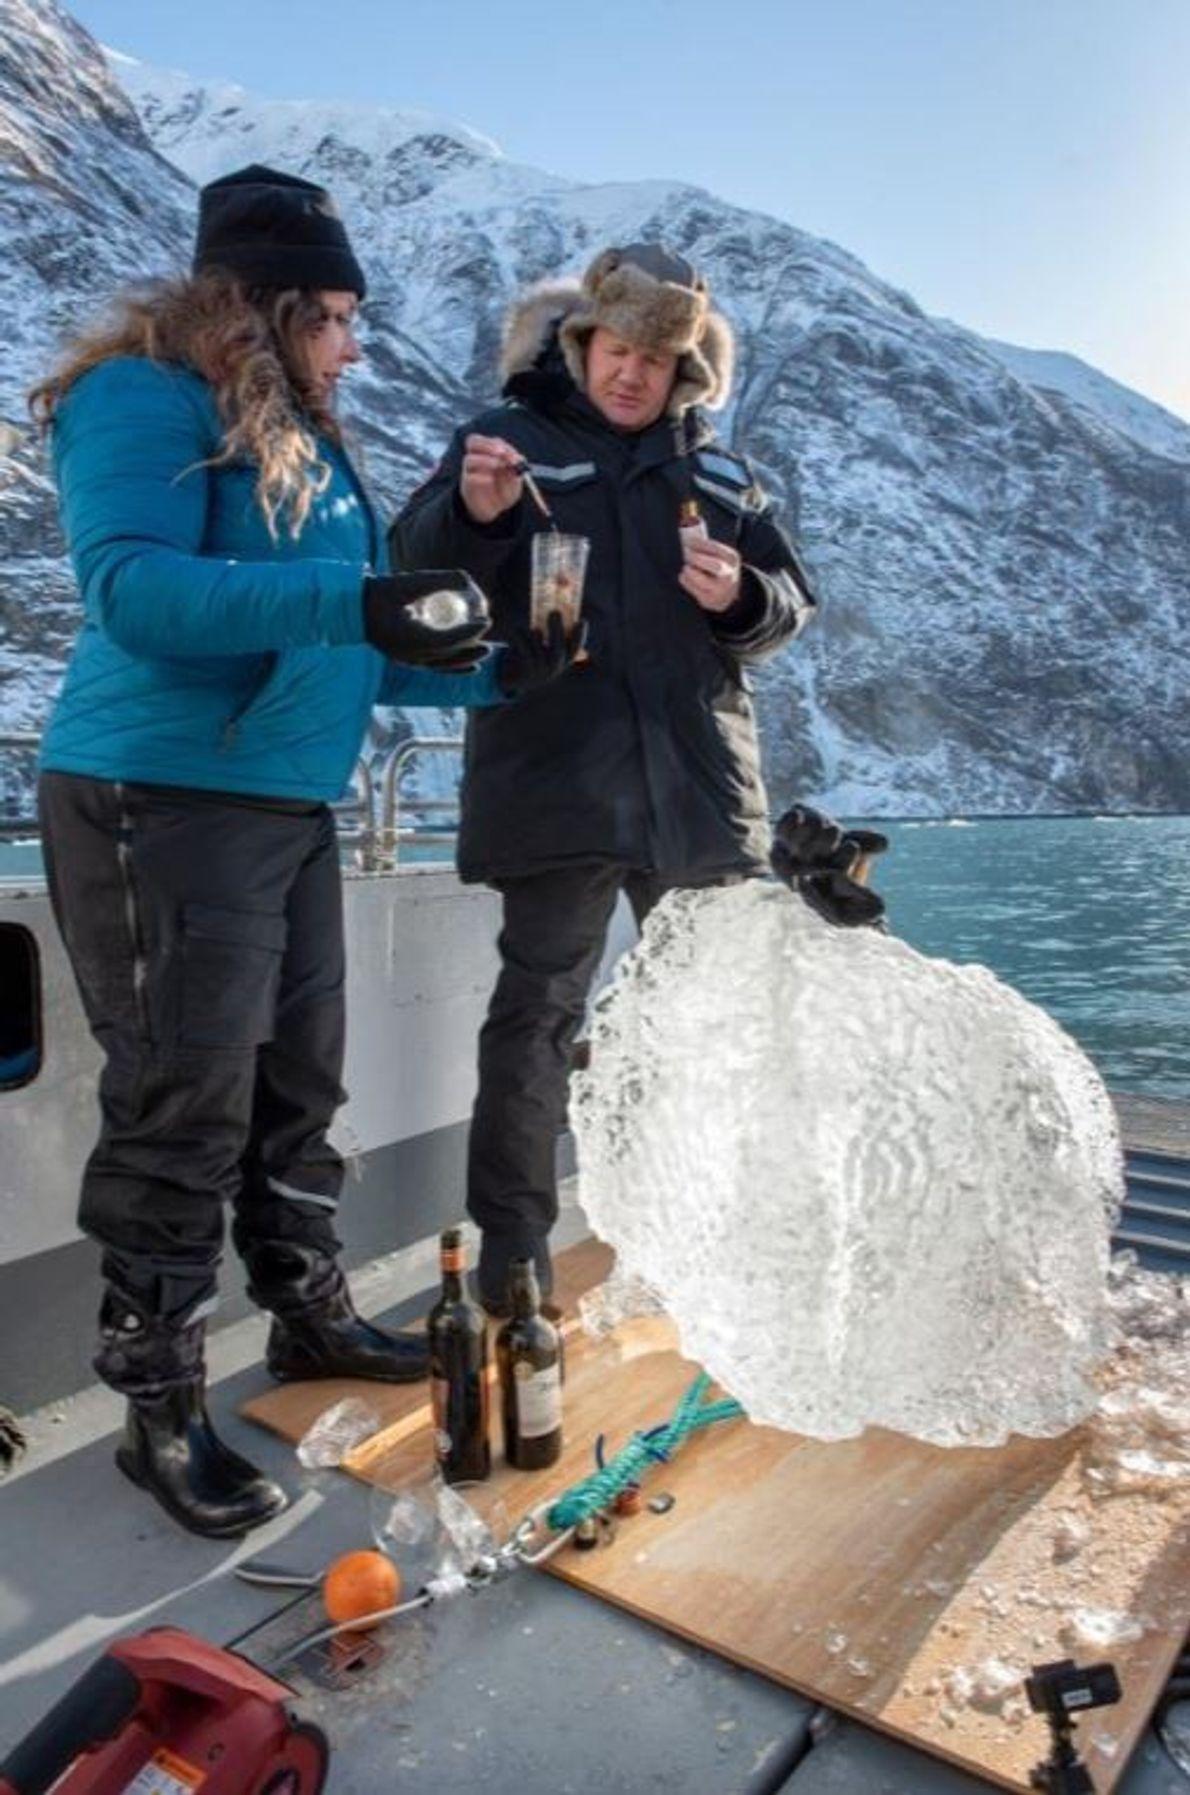 Michelle Costello, coletora de gelo glacial, faz um cocktail com Gordon, com gelo que acabaram de ...